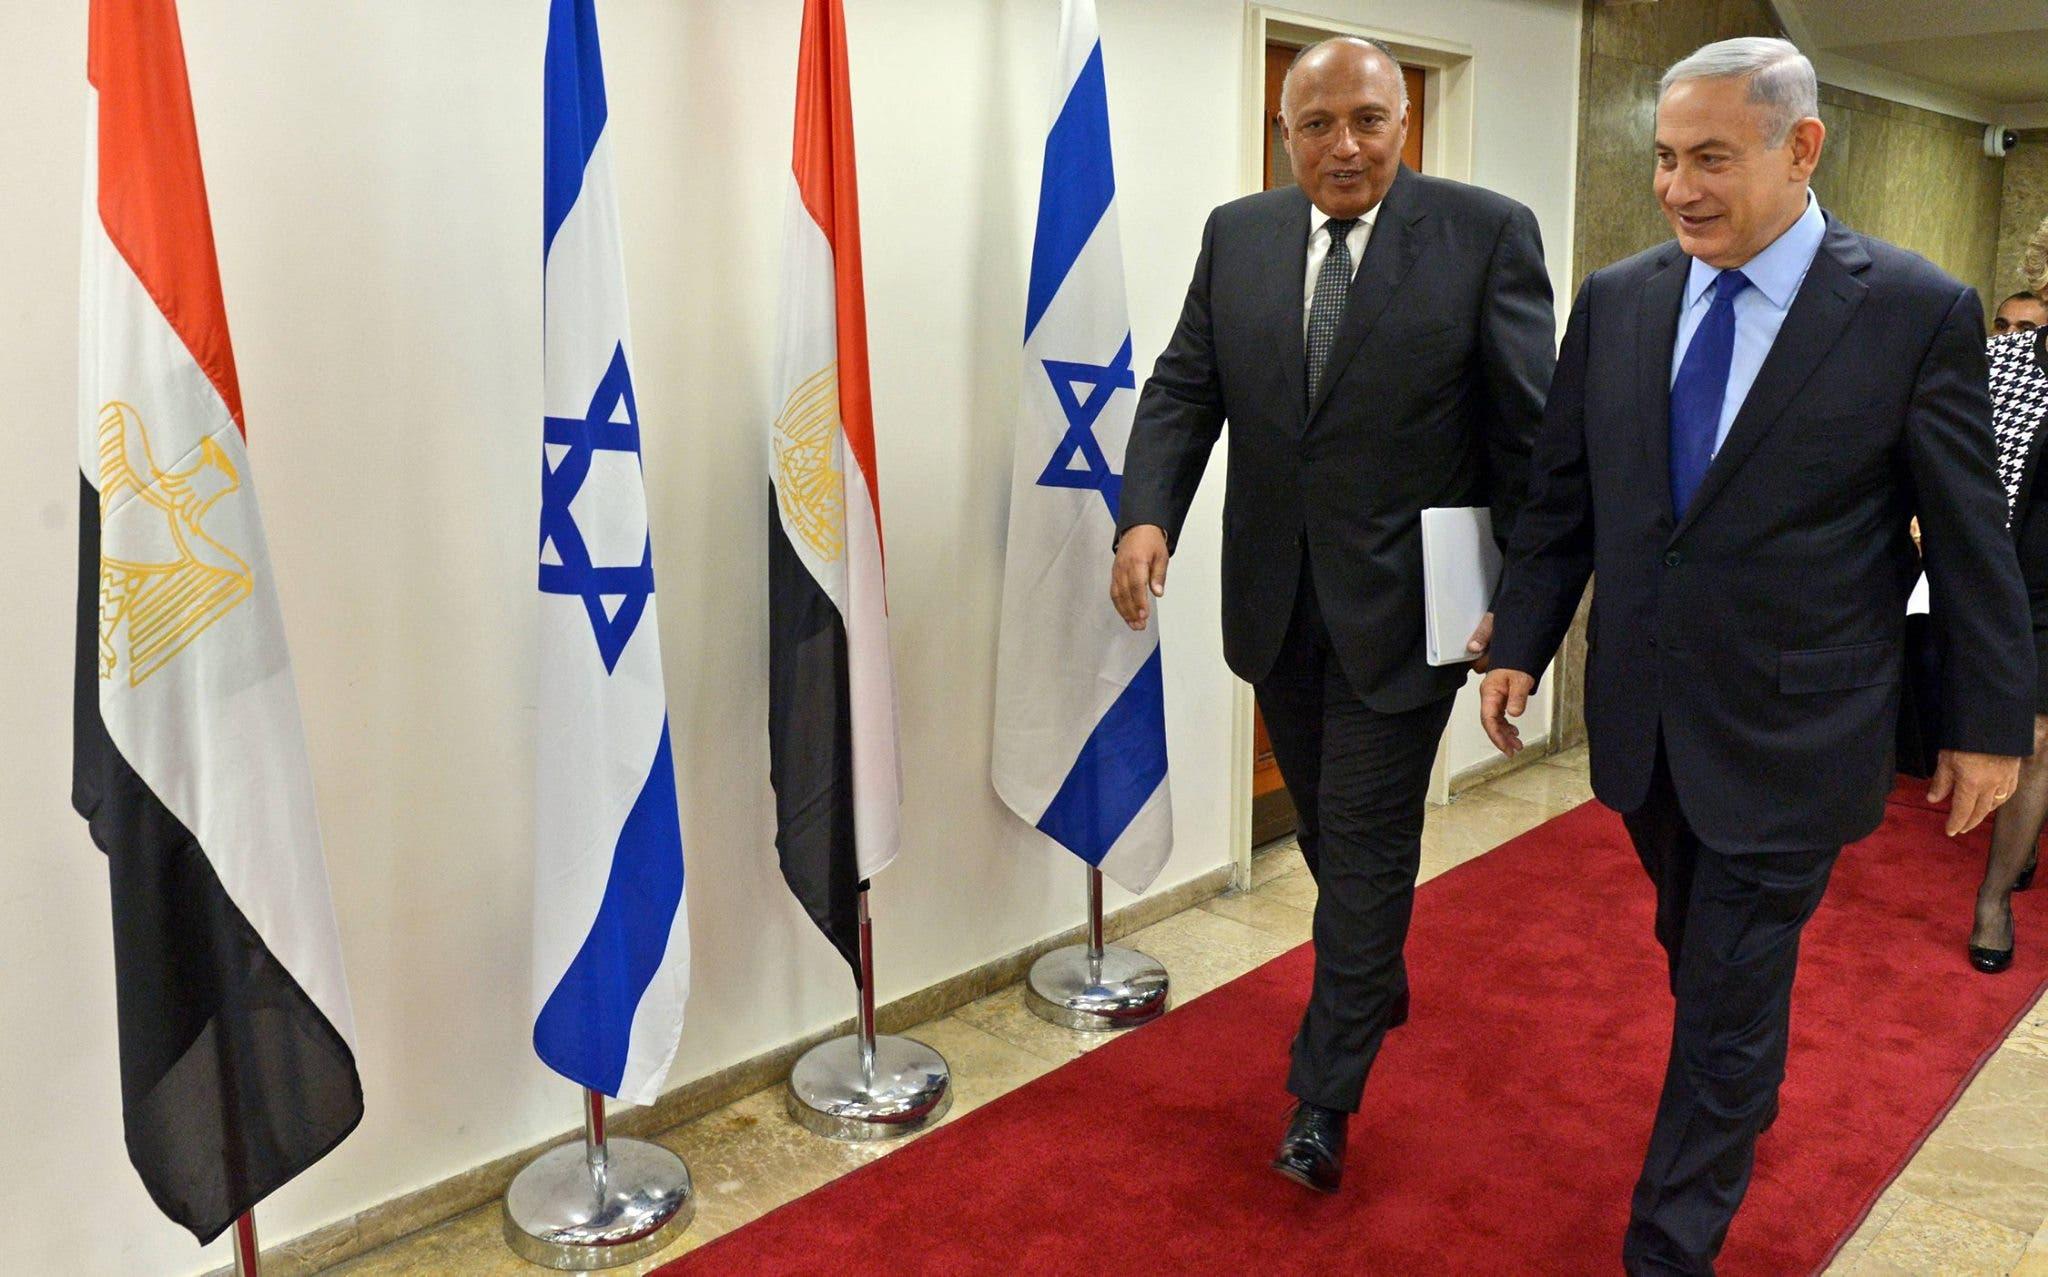 أول زيارة لوزير خارجية مصري إلى إسرائيل منذ 2007